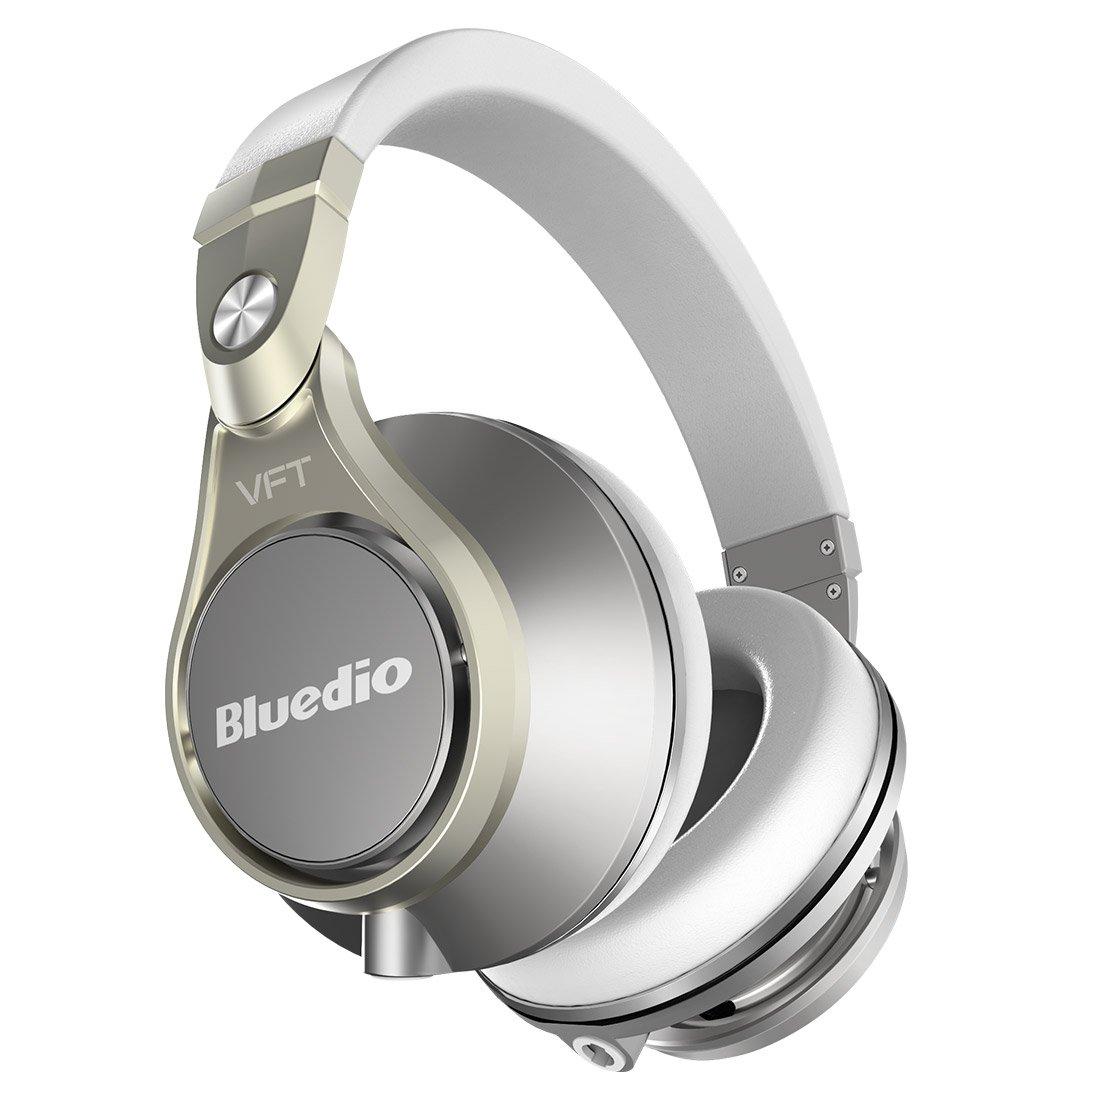 Bluedio U PLUS (UFO) Pro